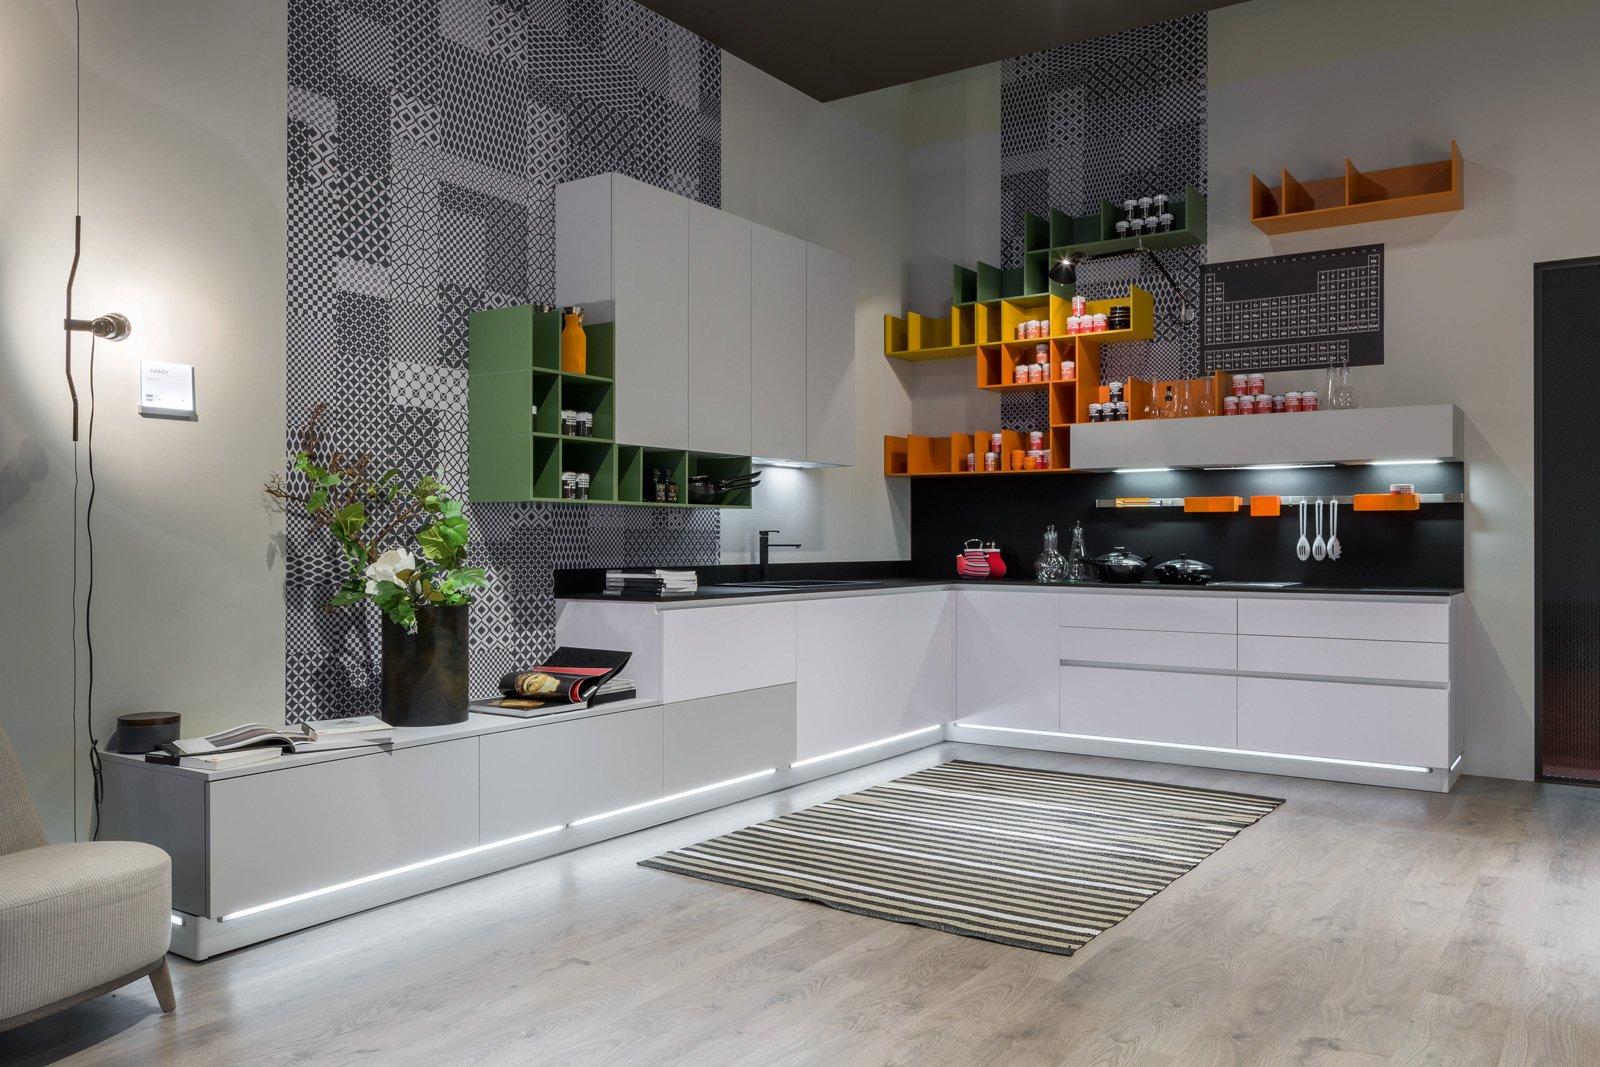 Top Cucina Materiali. Top Cucina Materiali Finest Il Corian Un ...